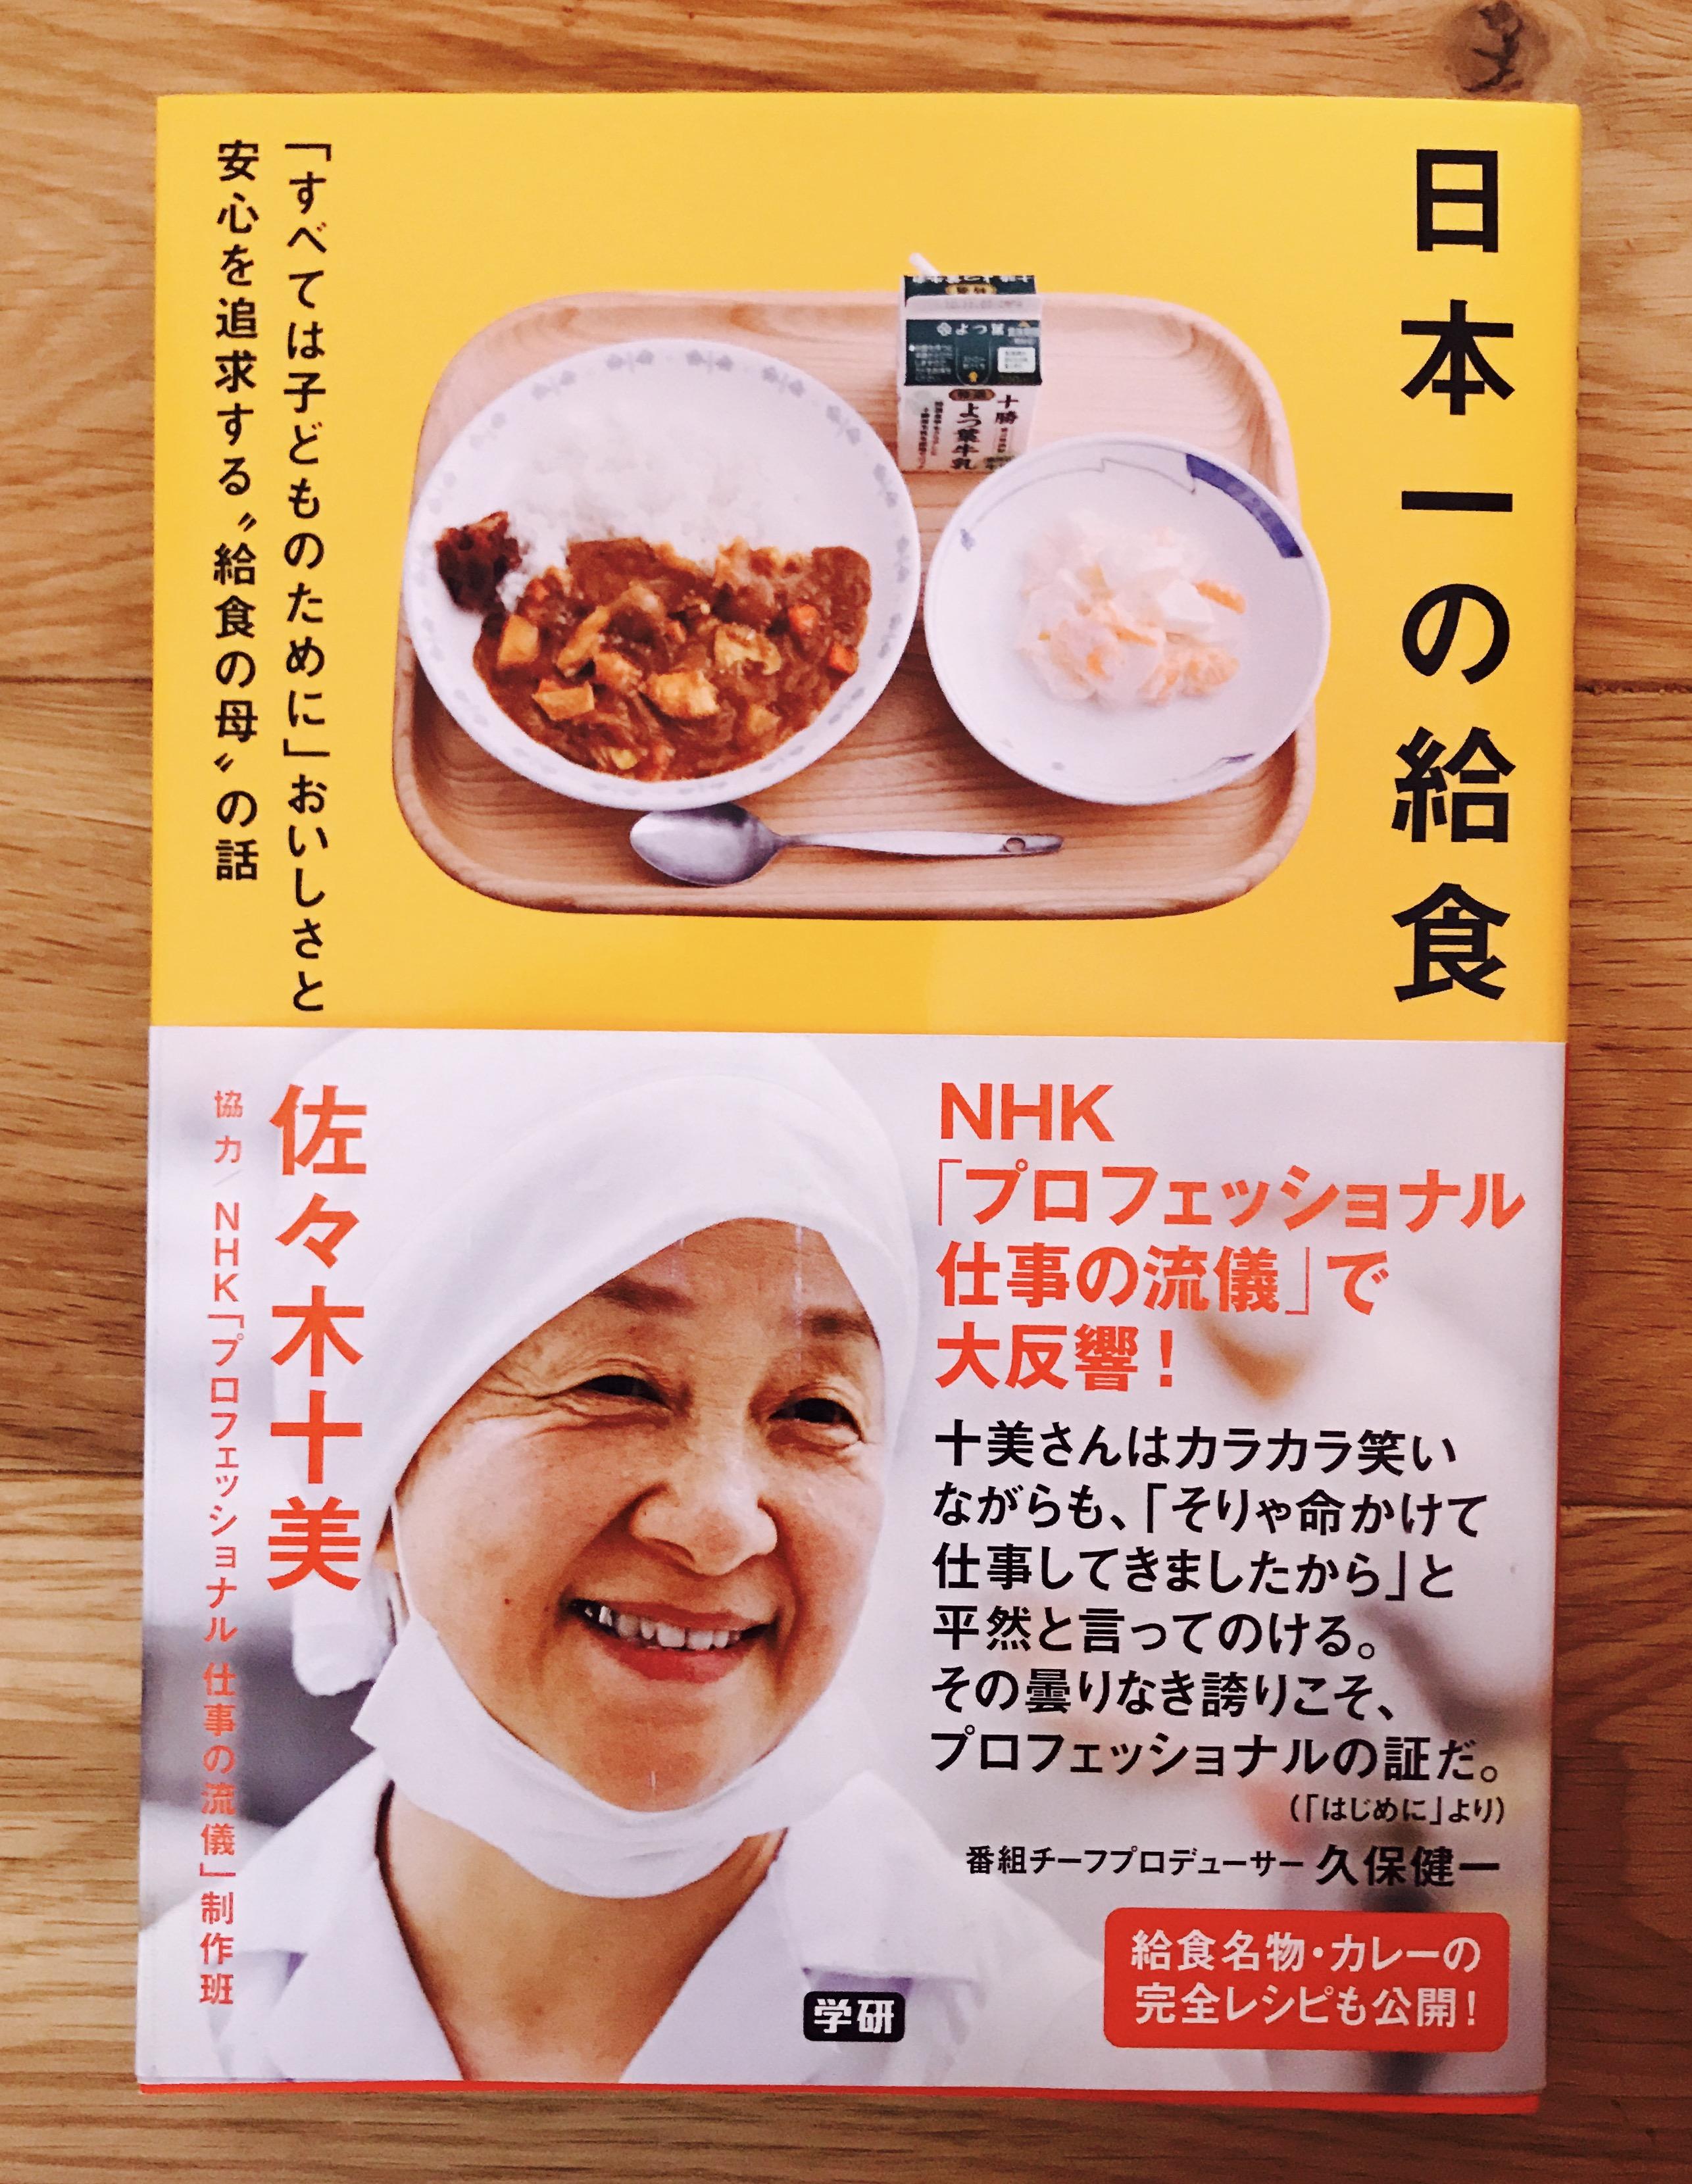 日本一の給食!佐々木十美先生の本・カレーブレンドスパイス画像